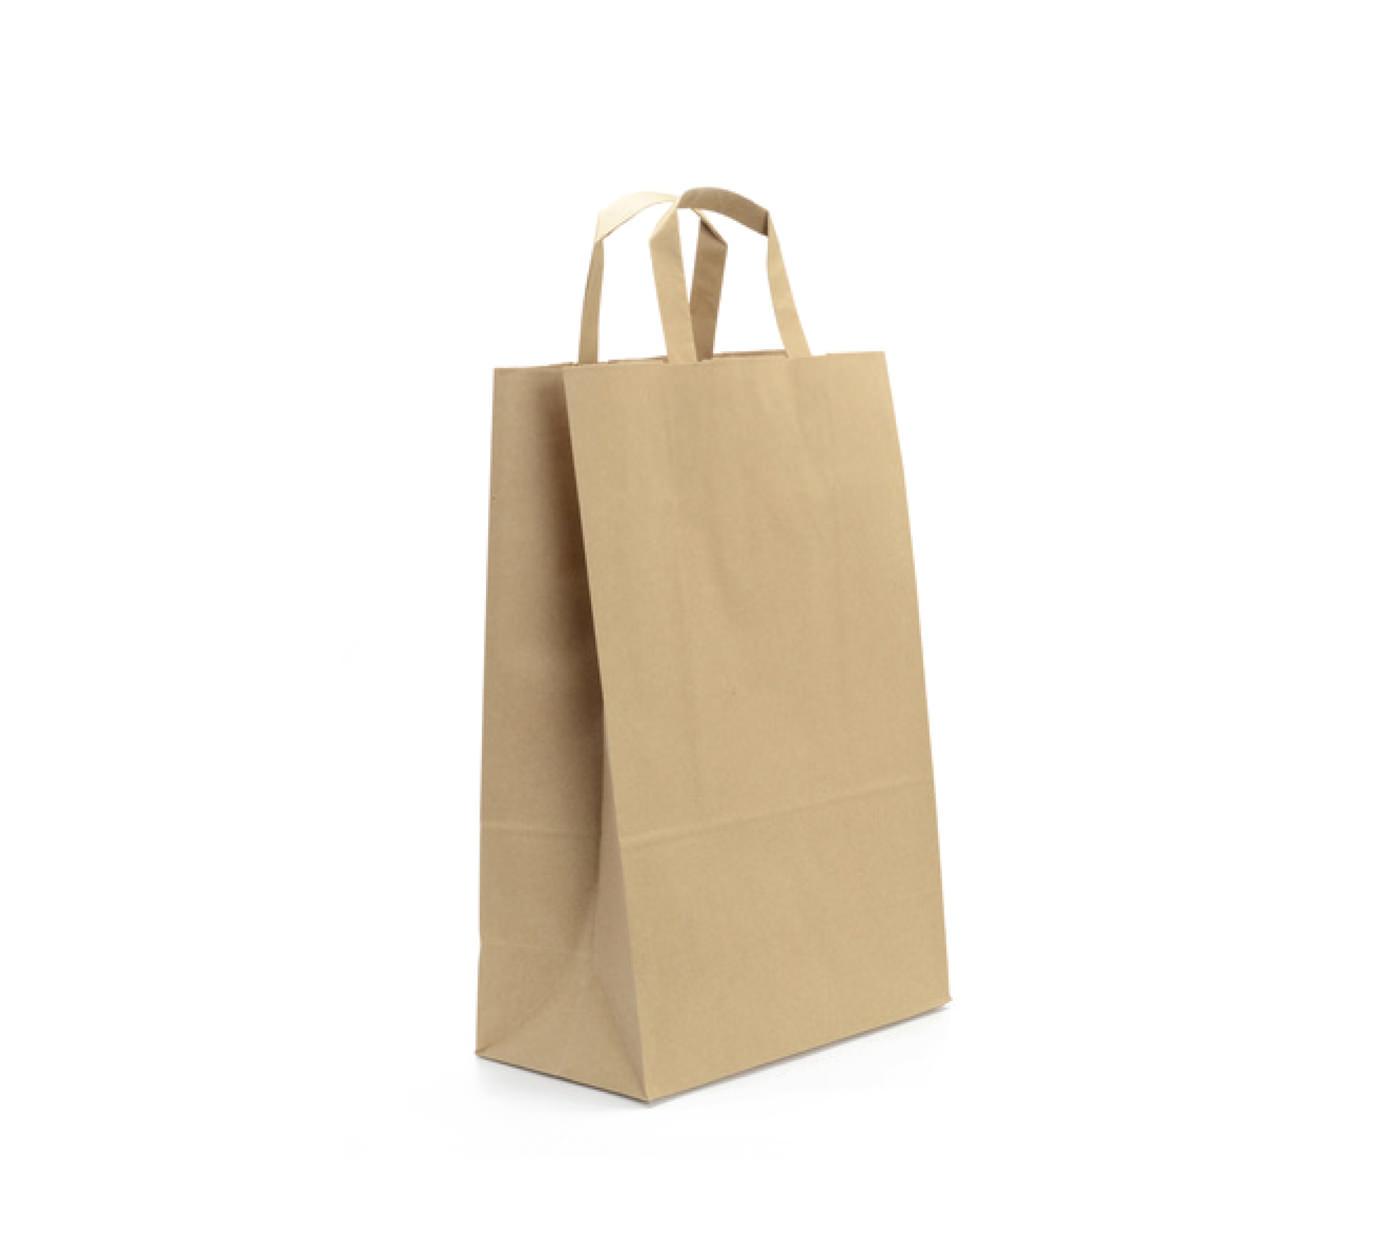 0ae1fadf8 Bolsas de papel de asa rizada | Bolsas de papel kraft